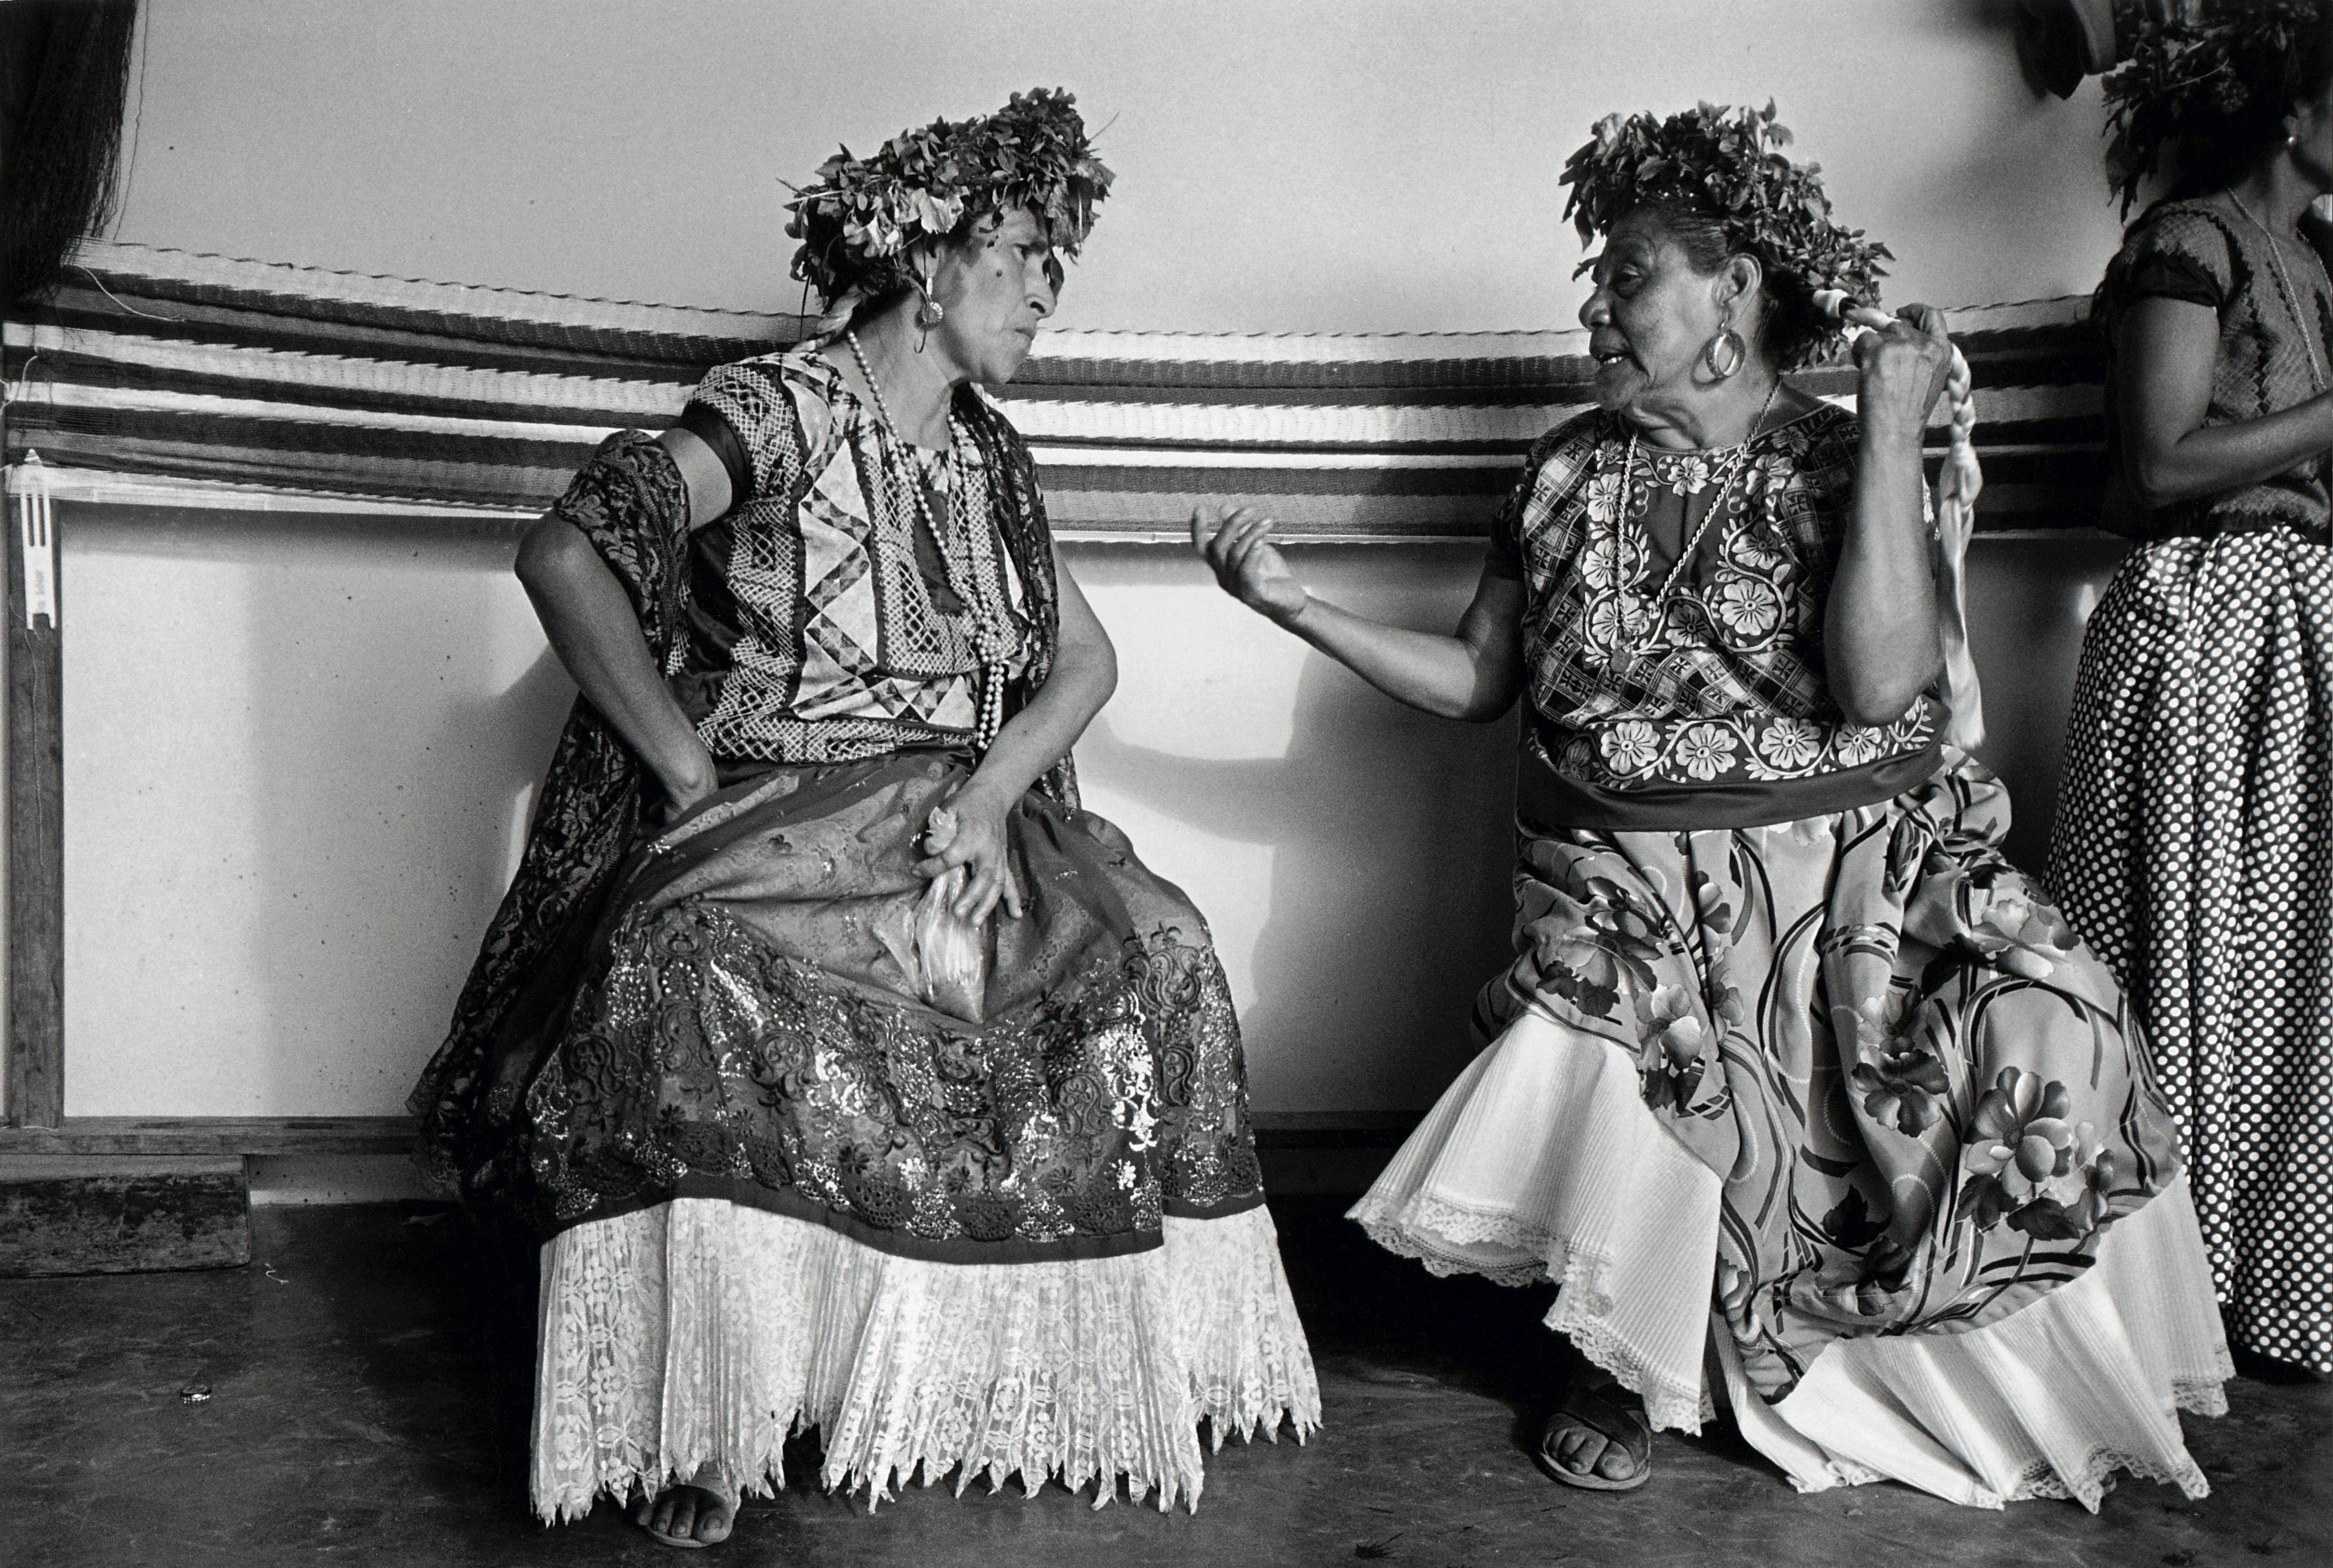 Беседа, Хучитан, Мексика, 1986. Фотограф Грасьела Итурбиде